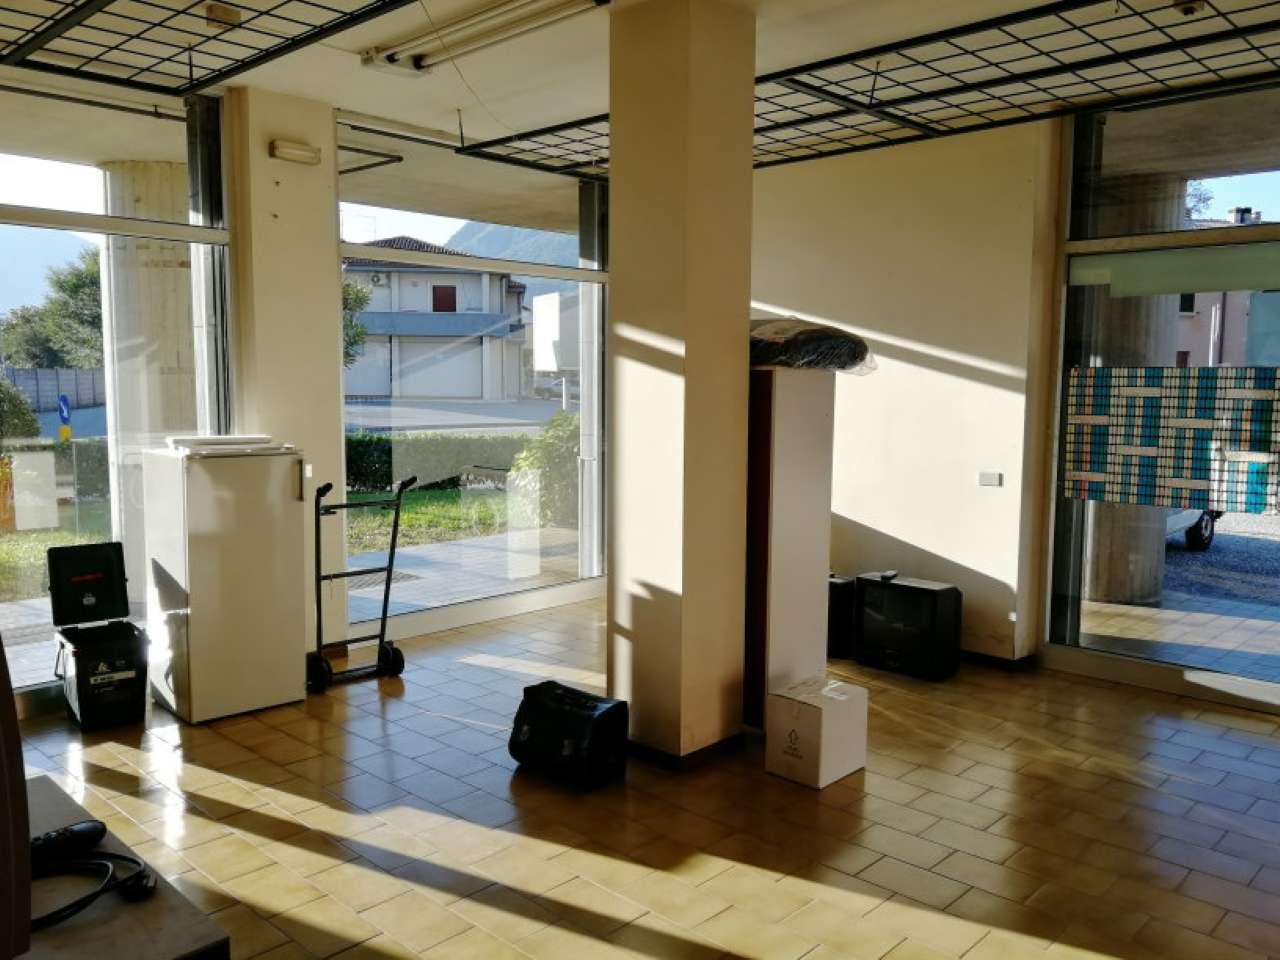 Negozio vetrinato dalle ampie metrature disposto su due livelli Rif. 8578969